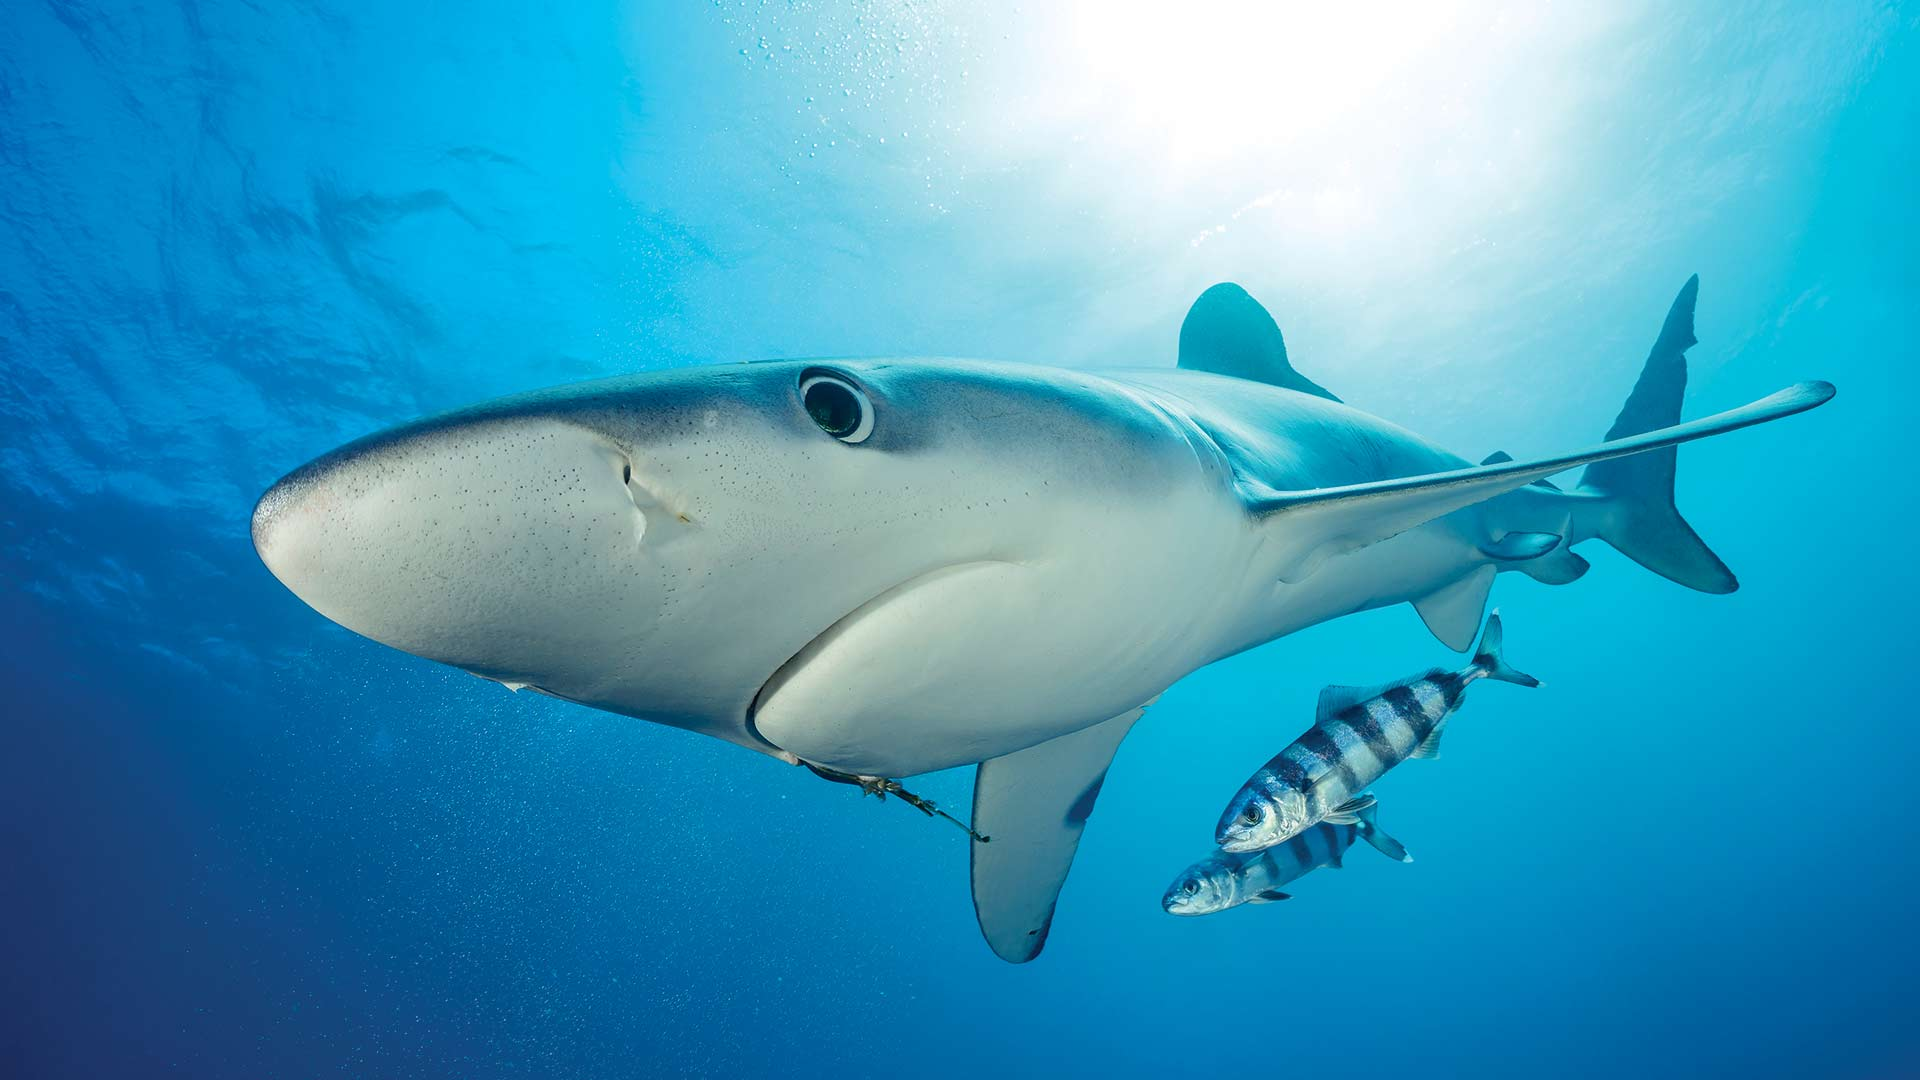 YGo-Mako-Shark-Diving